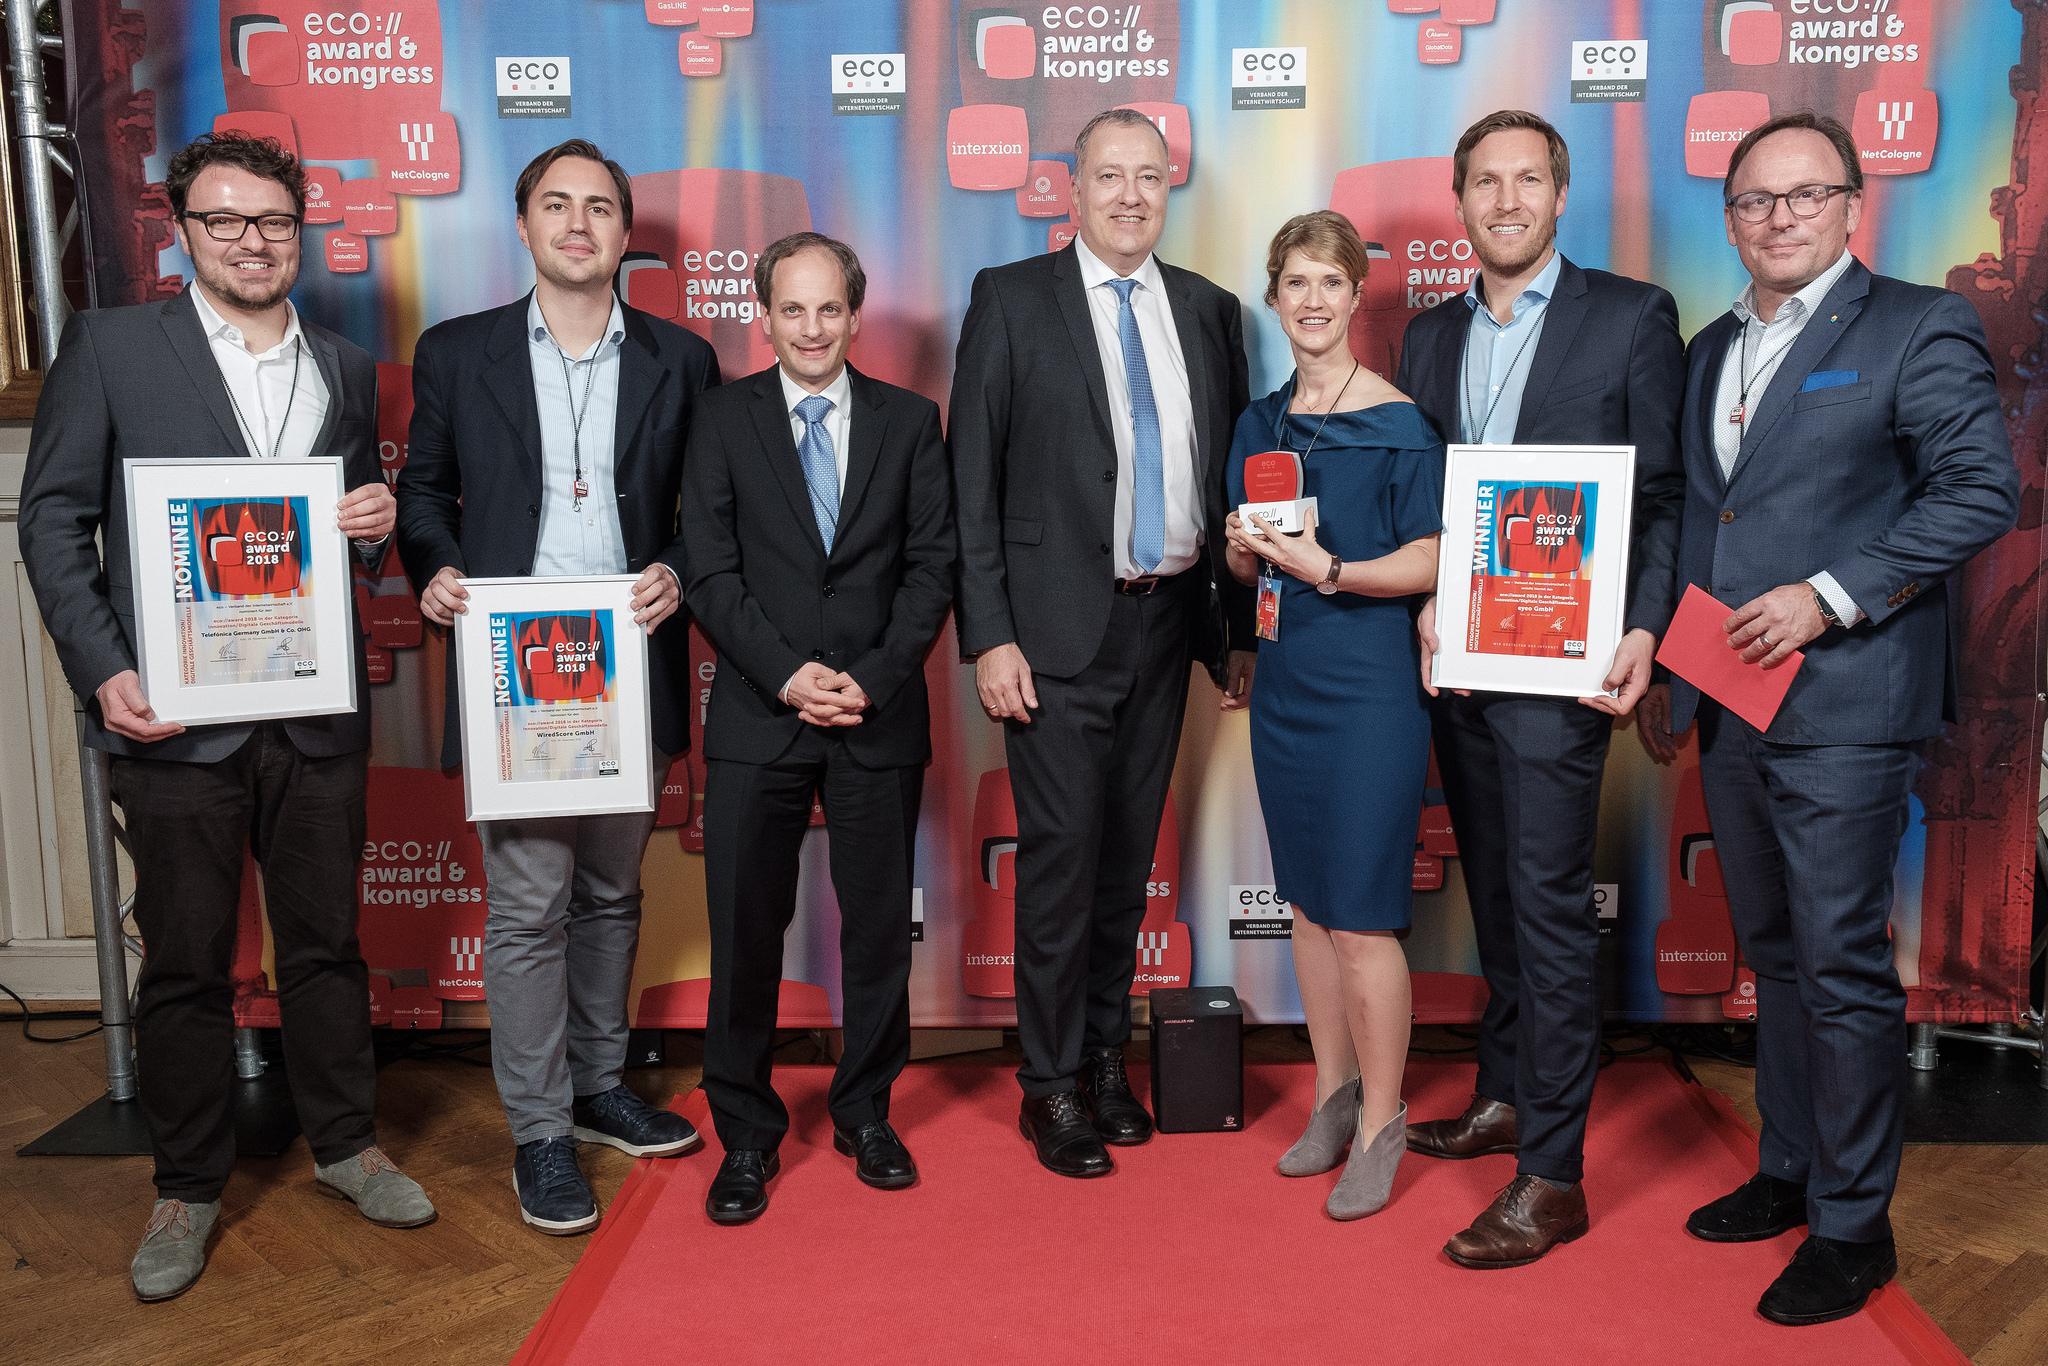 eco://kongress & eco:awards: Gemeinsam die digitale Zukunft gestalten 34